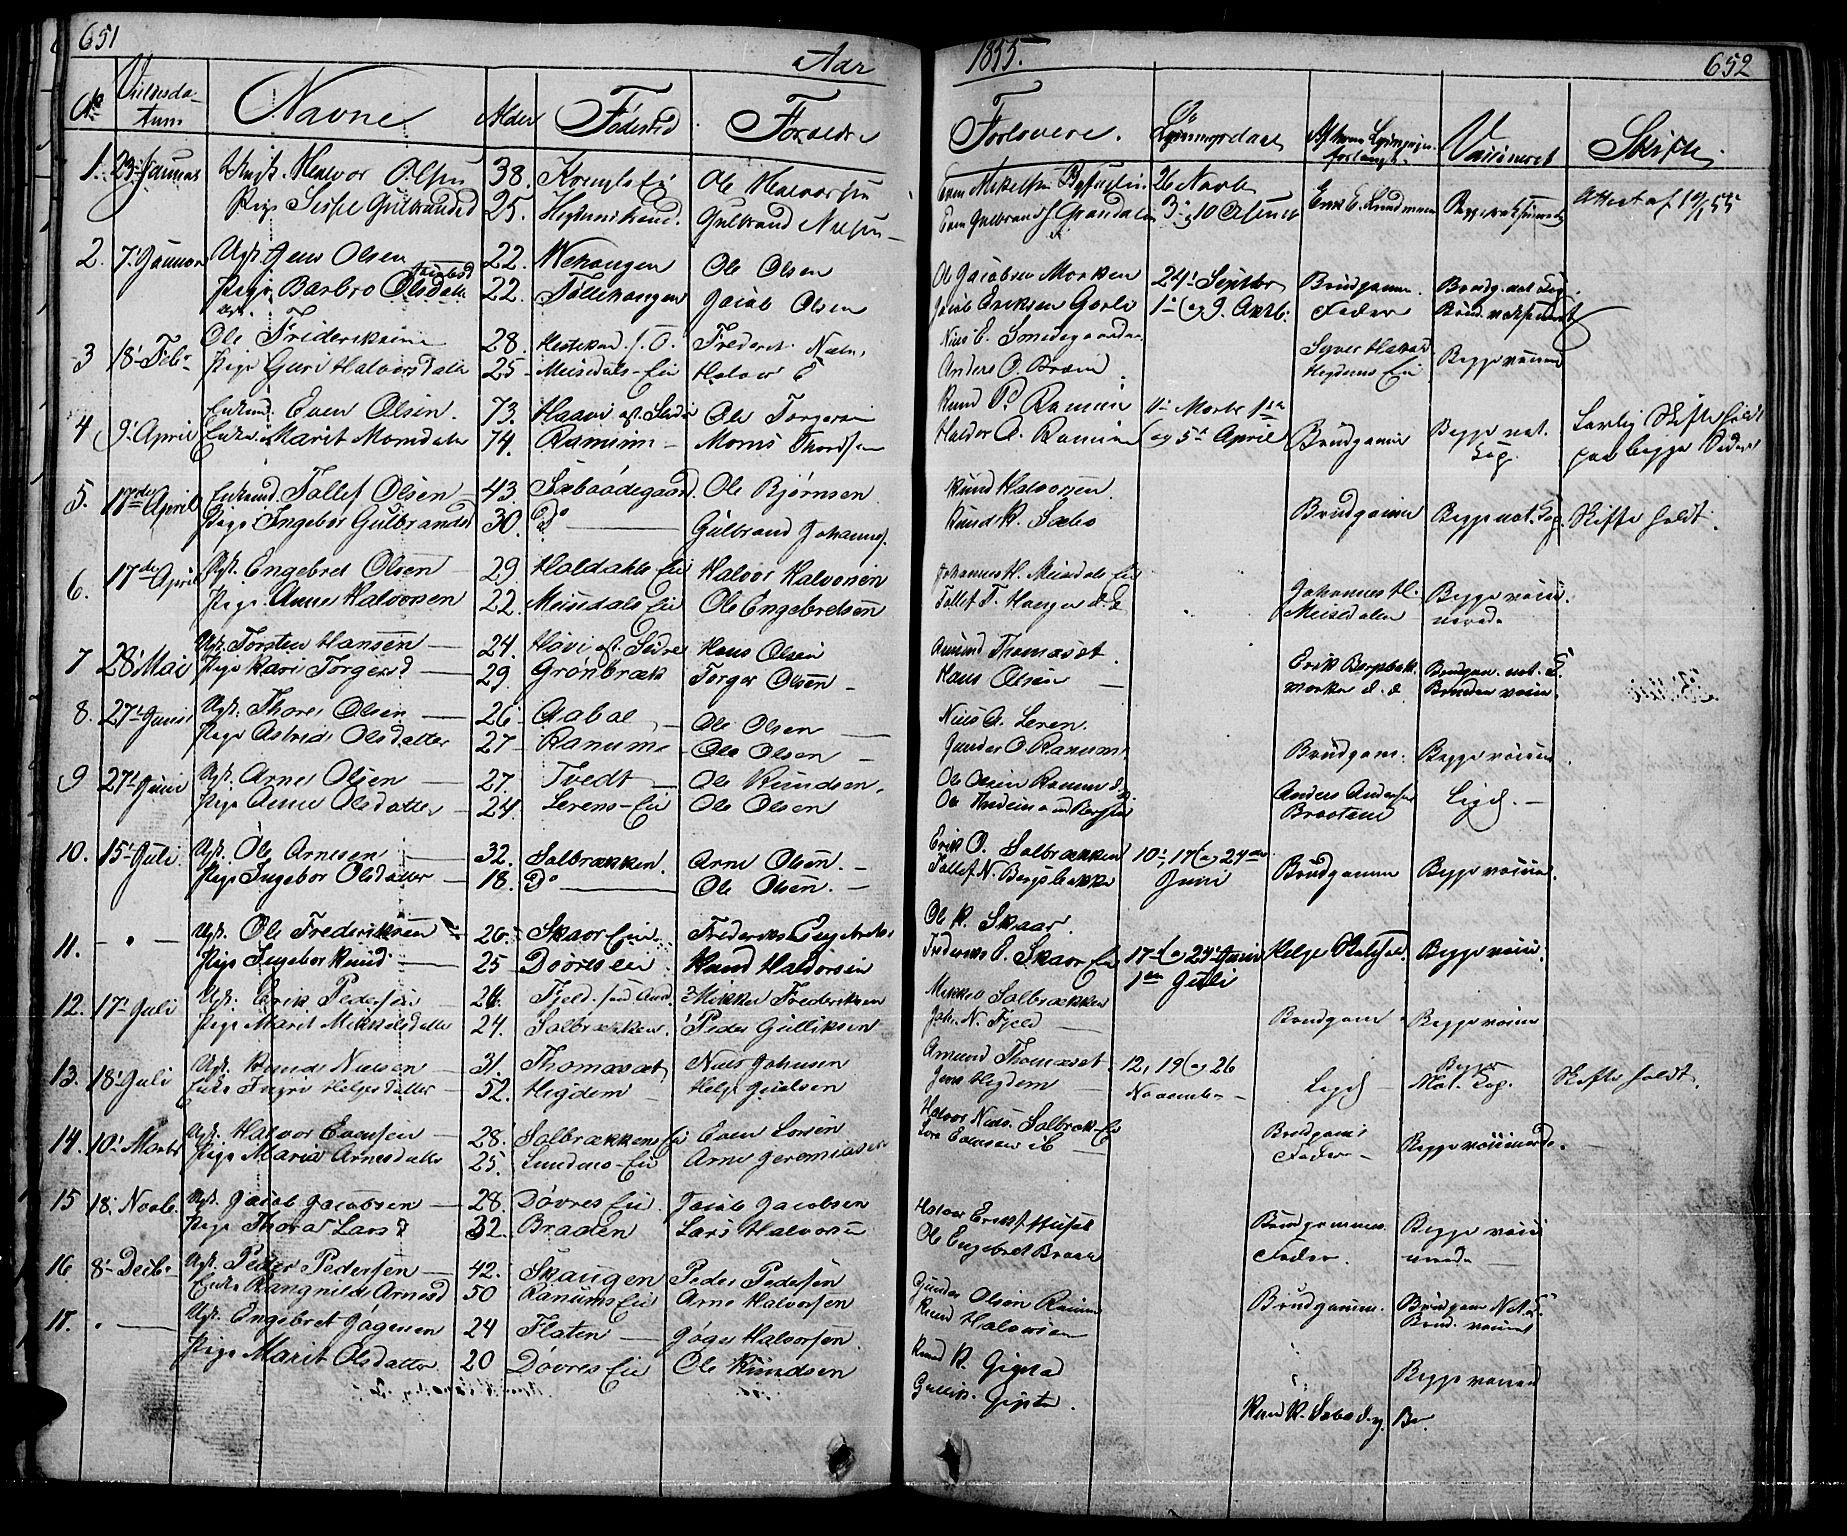 SAH, Nord-Aurdal prestekontor, Klokkerbok nr. 1, 1834-1887, s. 651-652